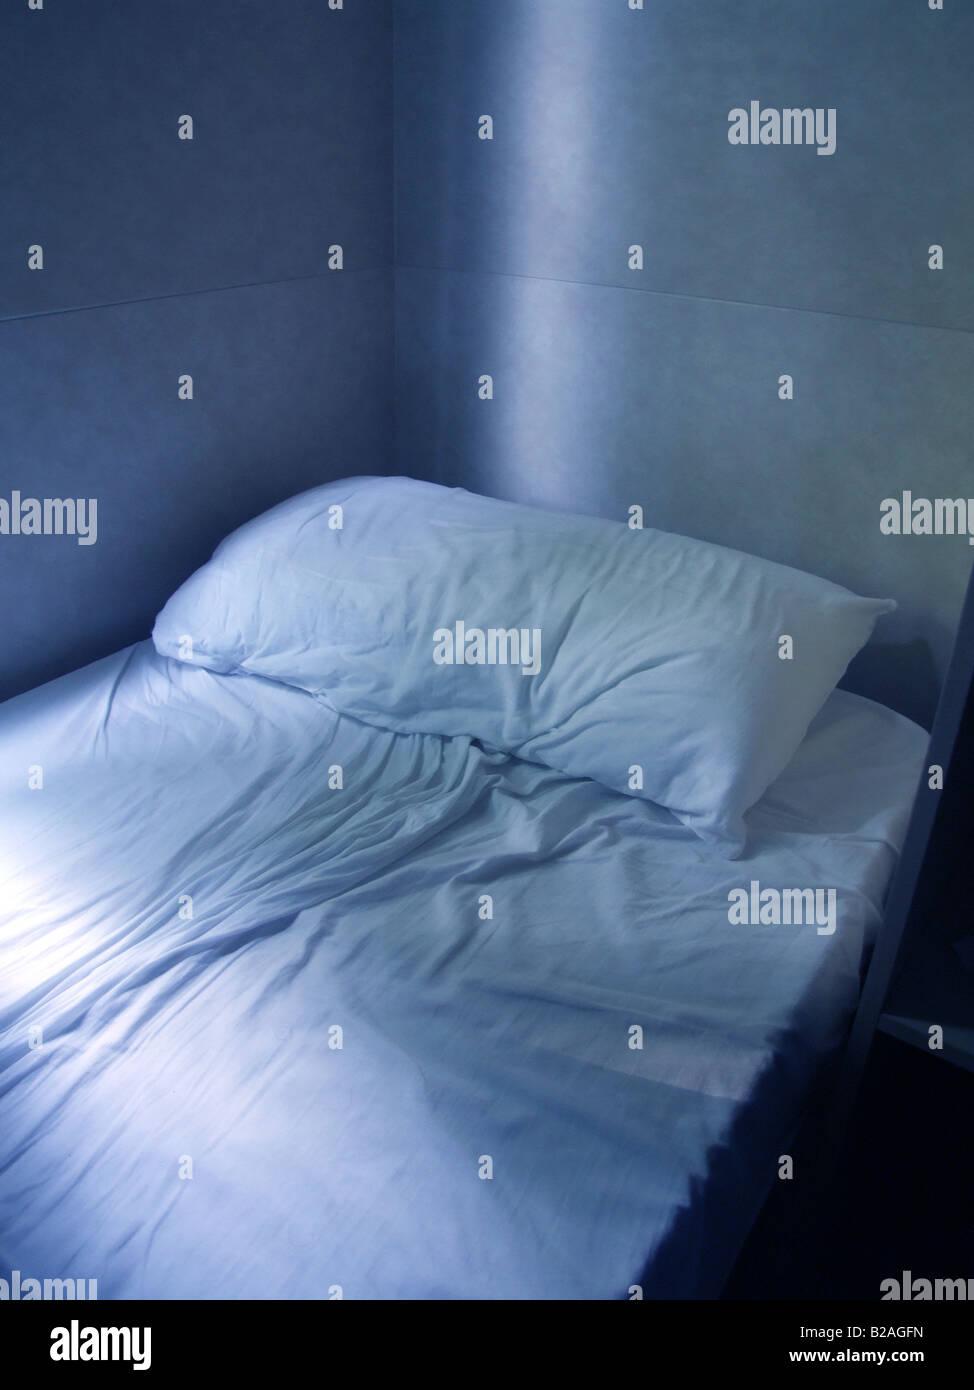 One Empty Bed Matress In Dark Bedroom